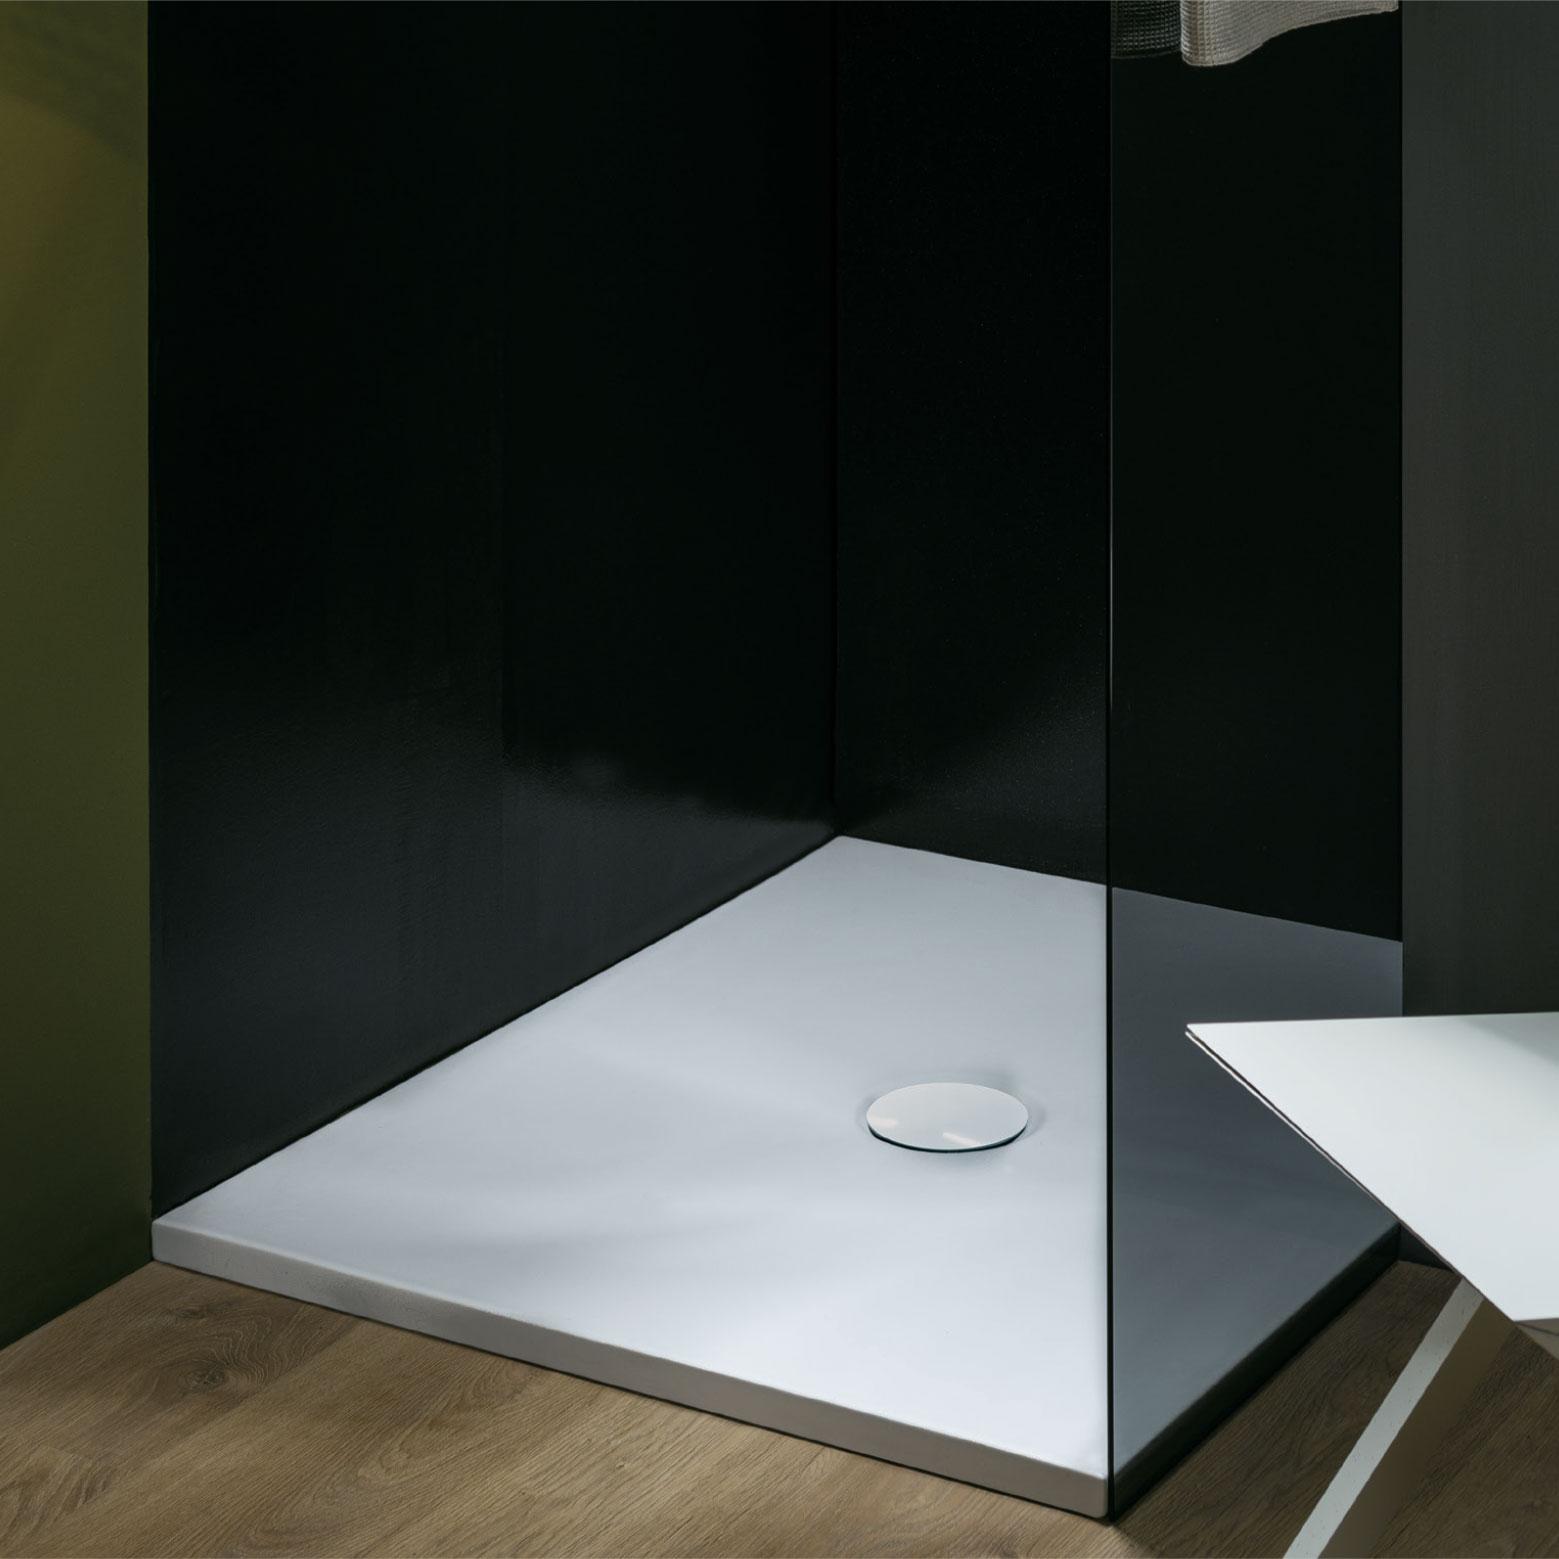 Piatto Doccia altezza 3 cm Uniko 160X100 cm Ceramica Azzurra